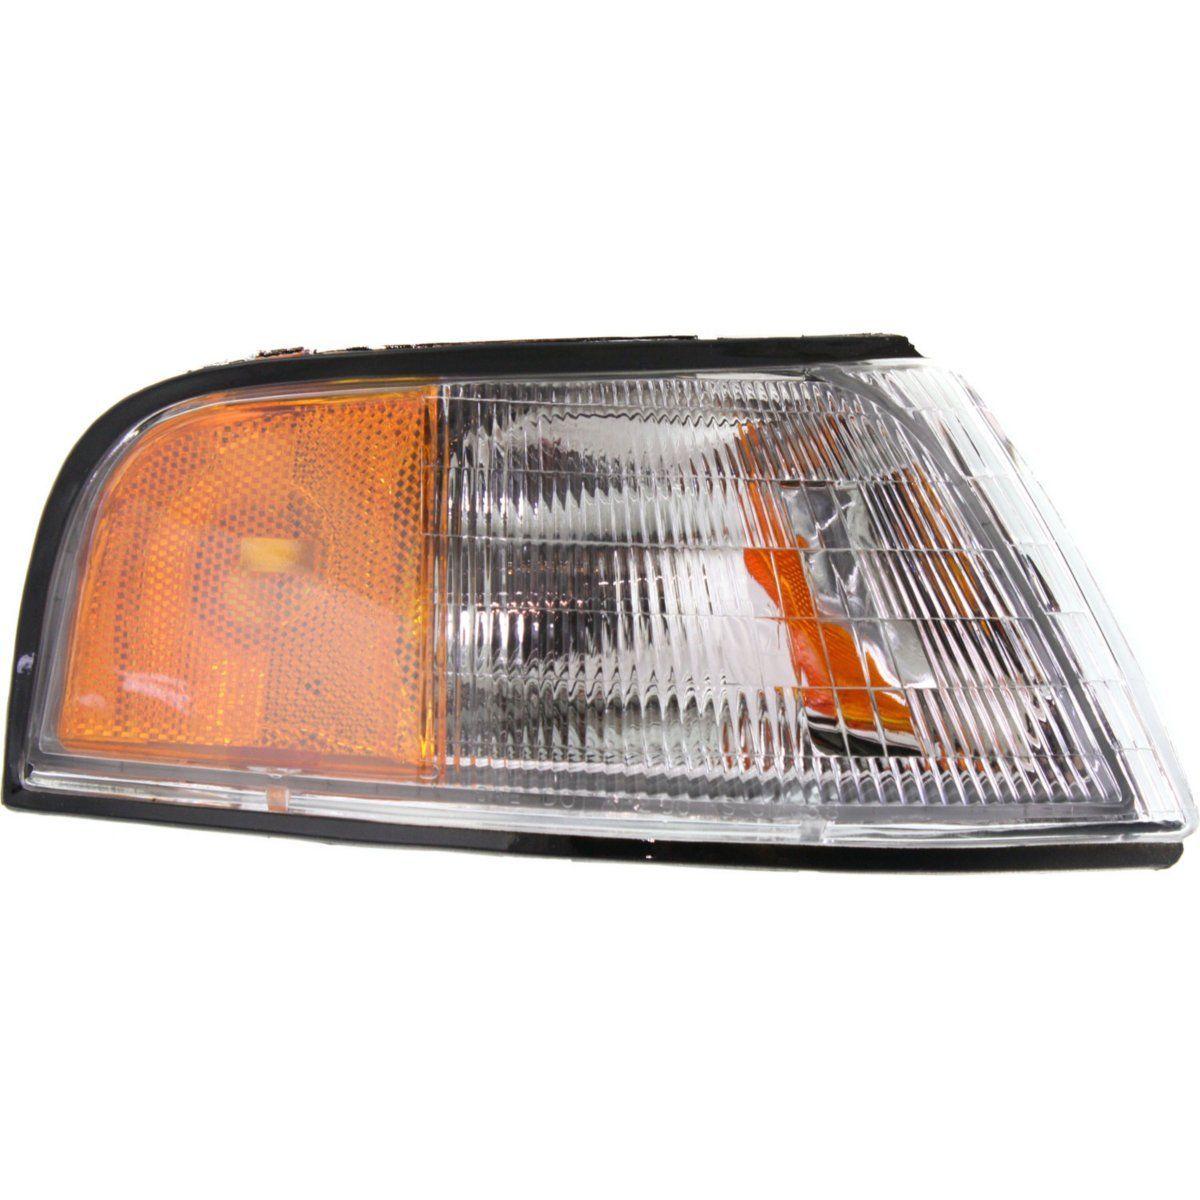 コーナーライト Corner Light For 90-94 Chevrolet Lumina Passenger Side Incandescent 90-94シボレールミナ助手席白熱灯用コーナーライト